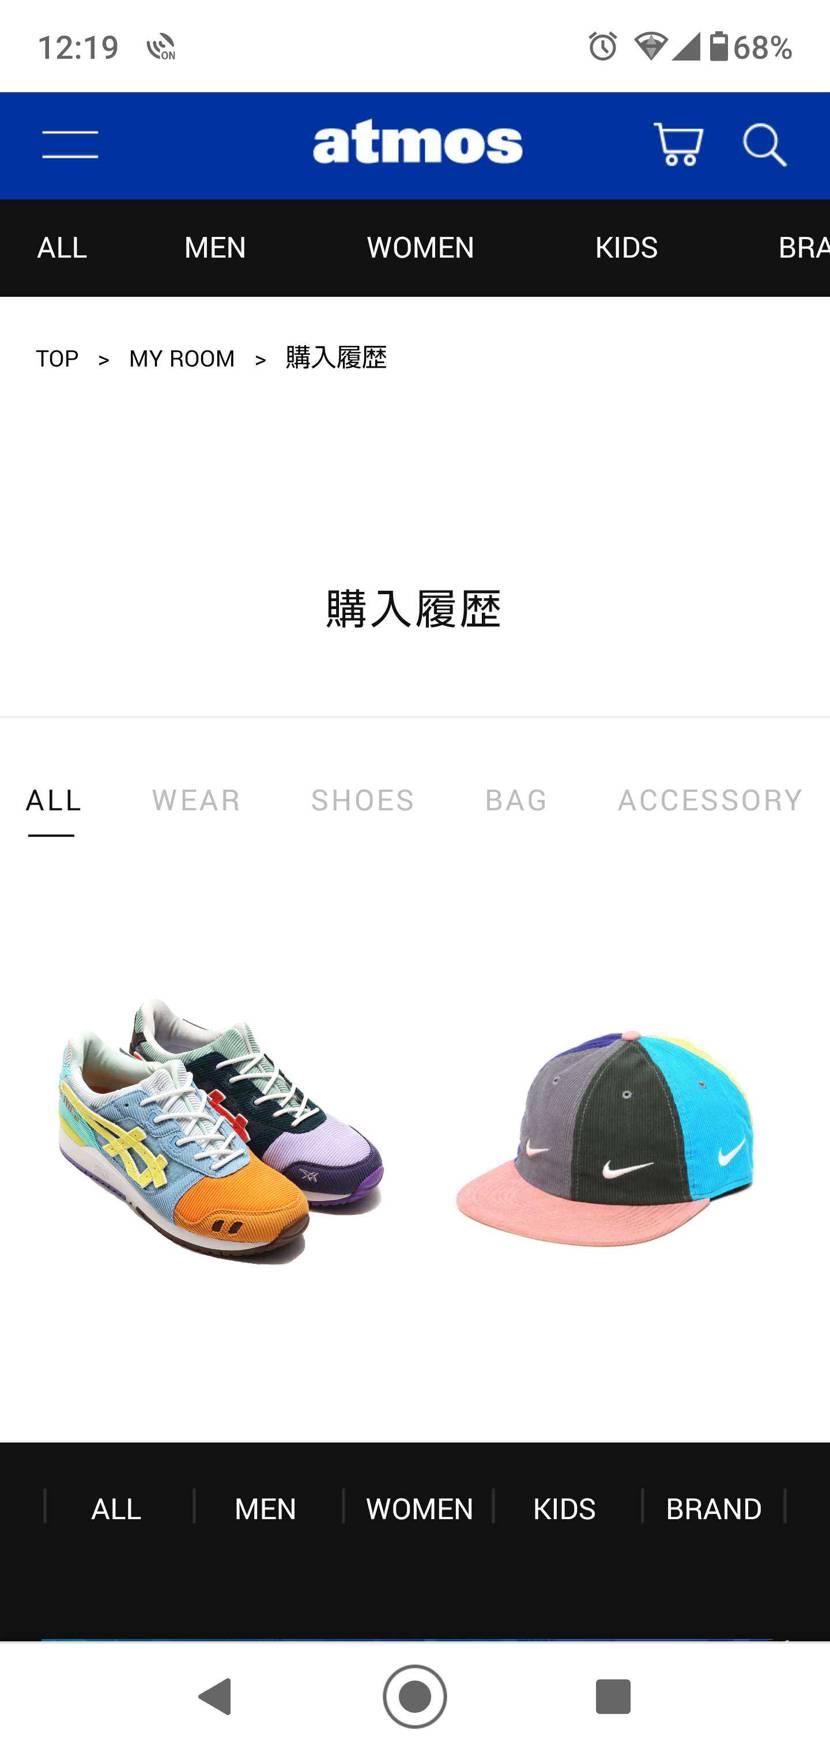 アトモスオンラインで買った事あるのは、 前回のショーンの帽子だけ  毎回抽選ハズ